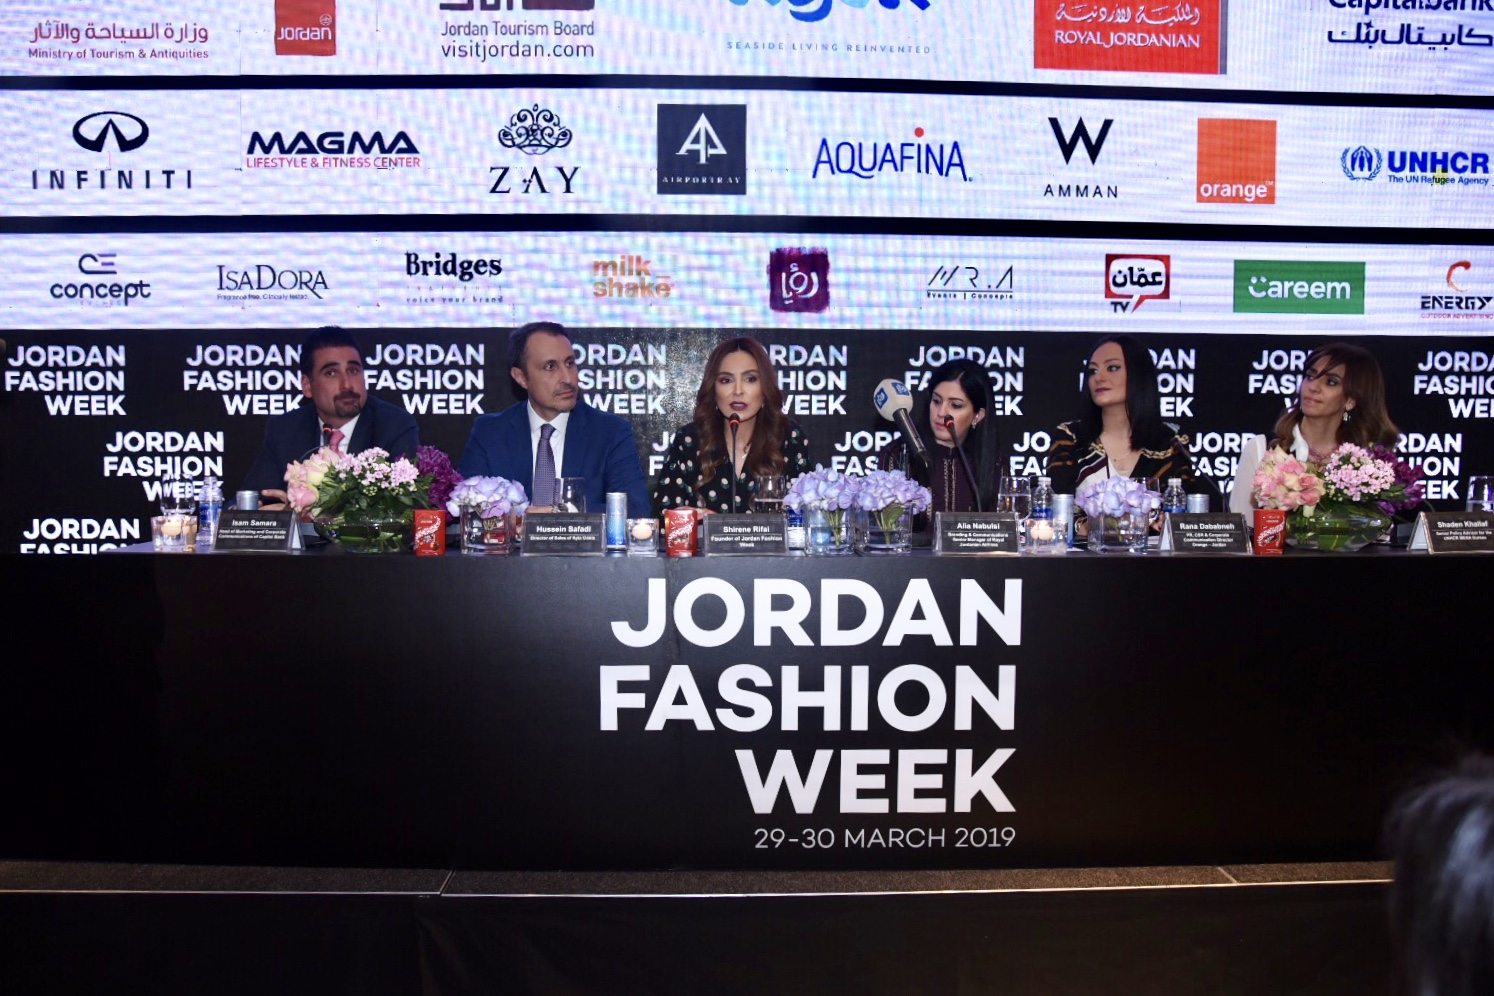 الإعلان عن موعد انطلاق تجمّع الأزياء الأكبر في الأردن Jordan Fashion Week